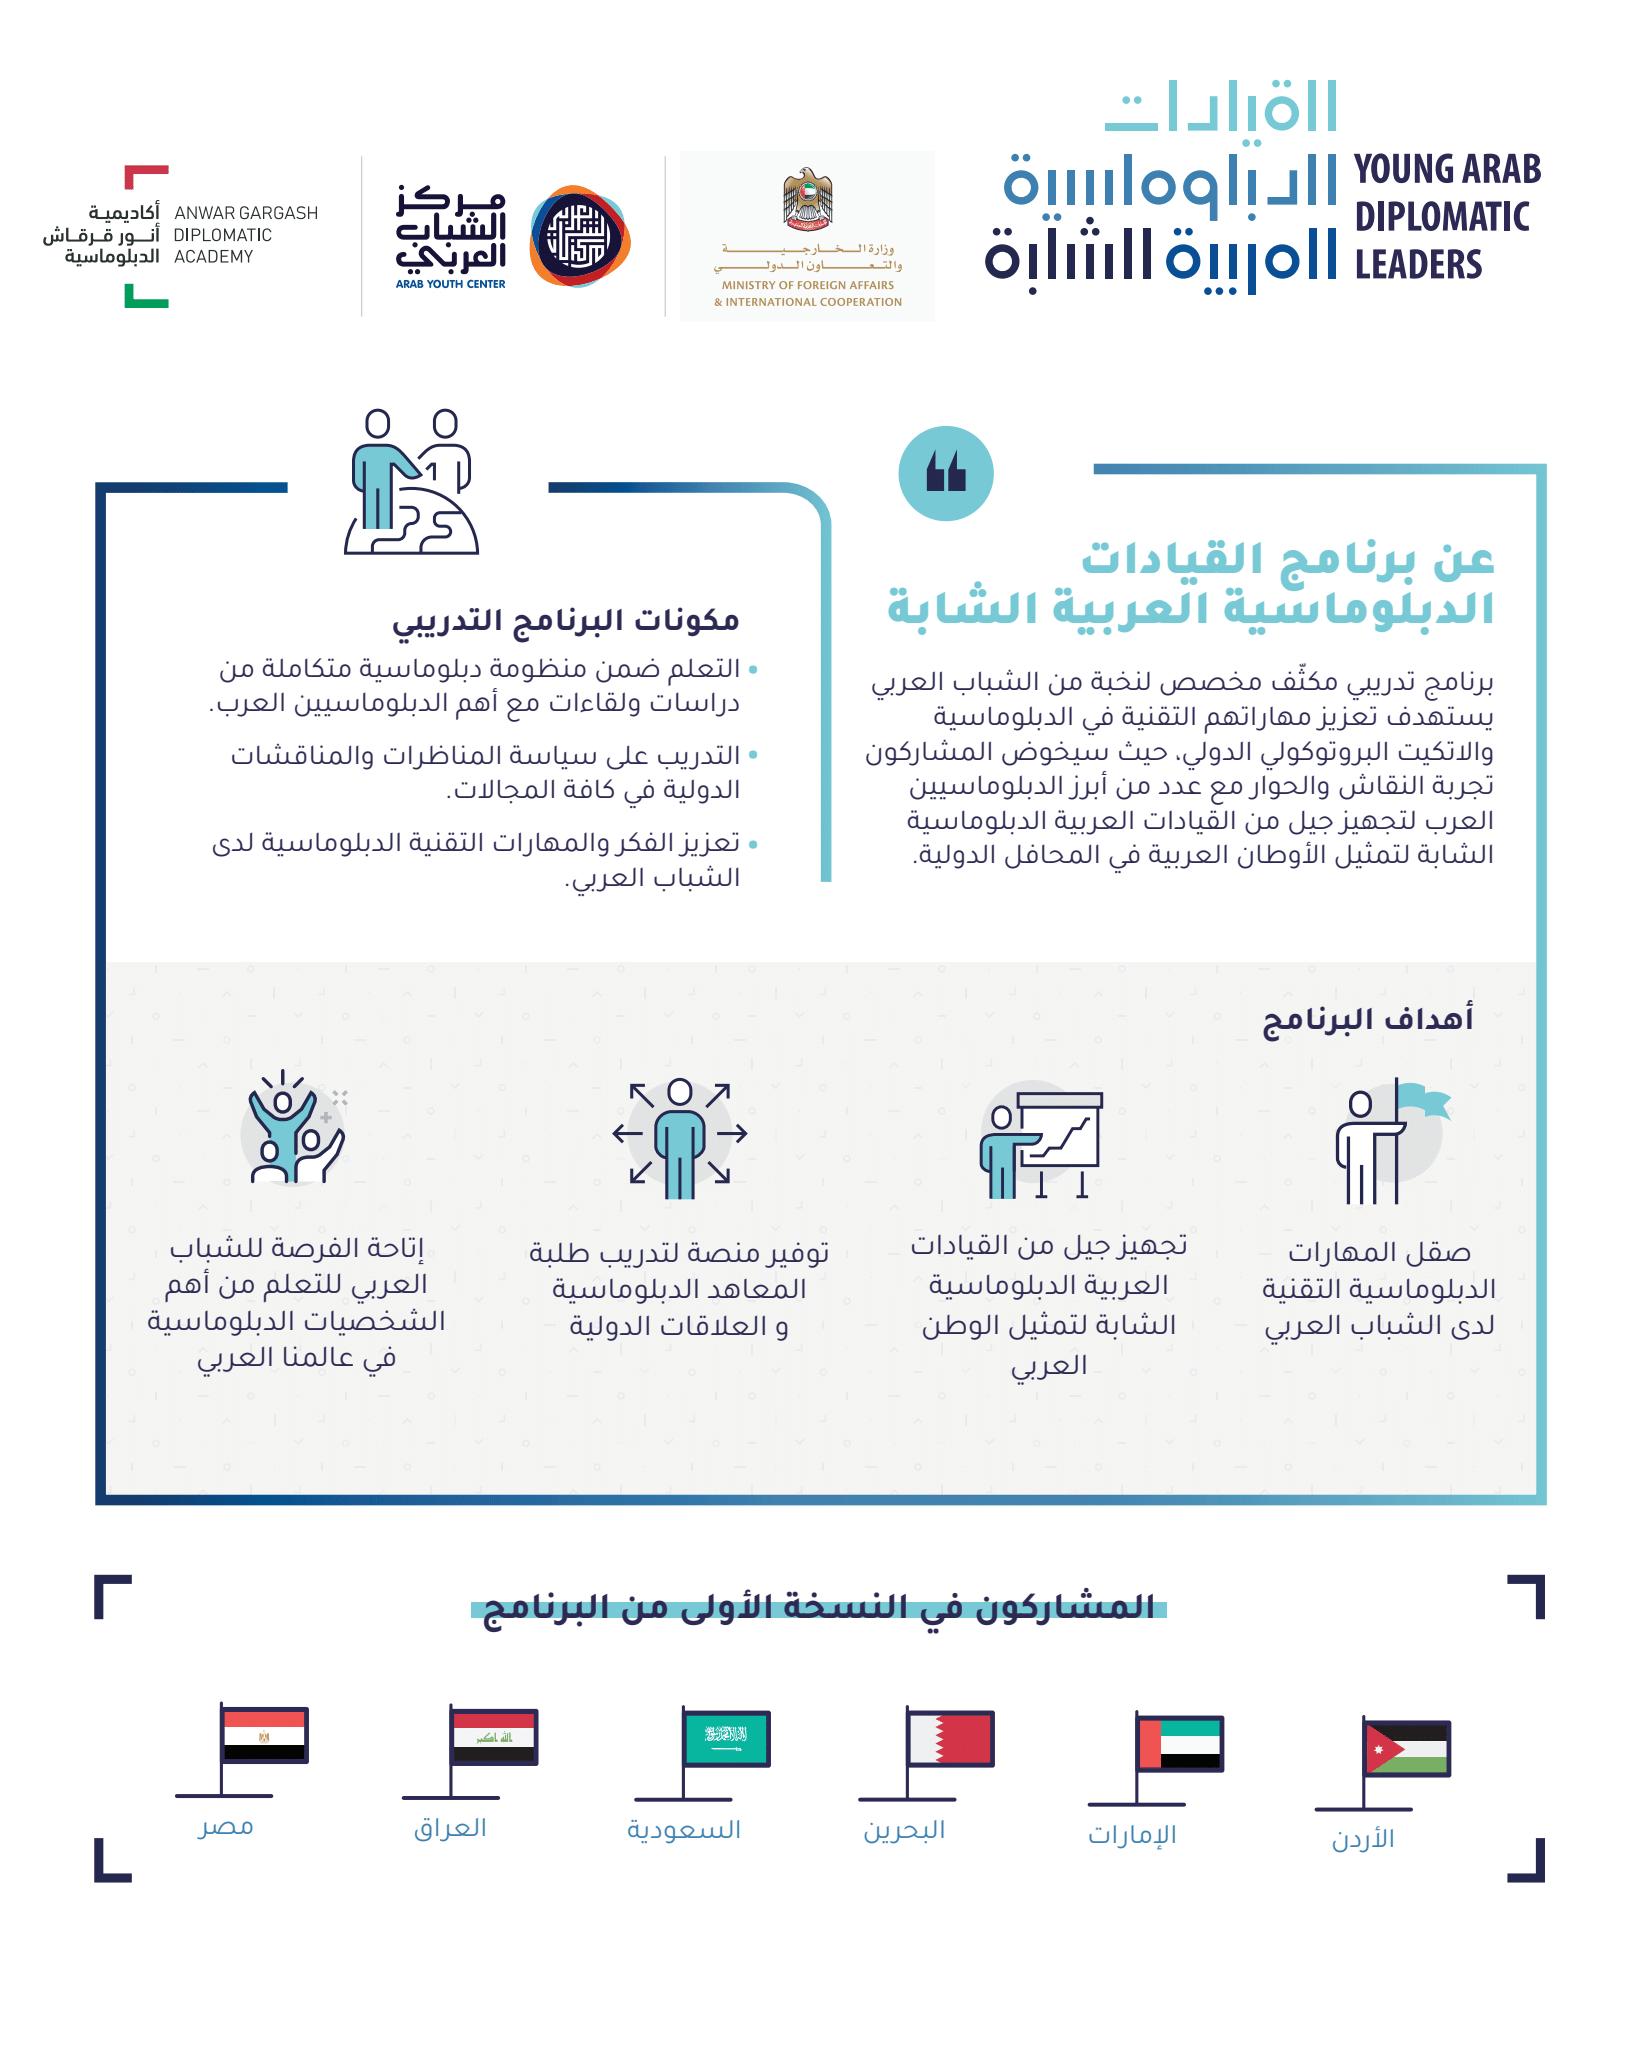 """""""مركز الشباب العربي"""" يطلق برنامج القيادات الدبلوماسية العربية الشابة"""